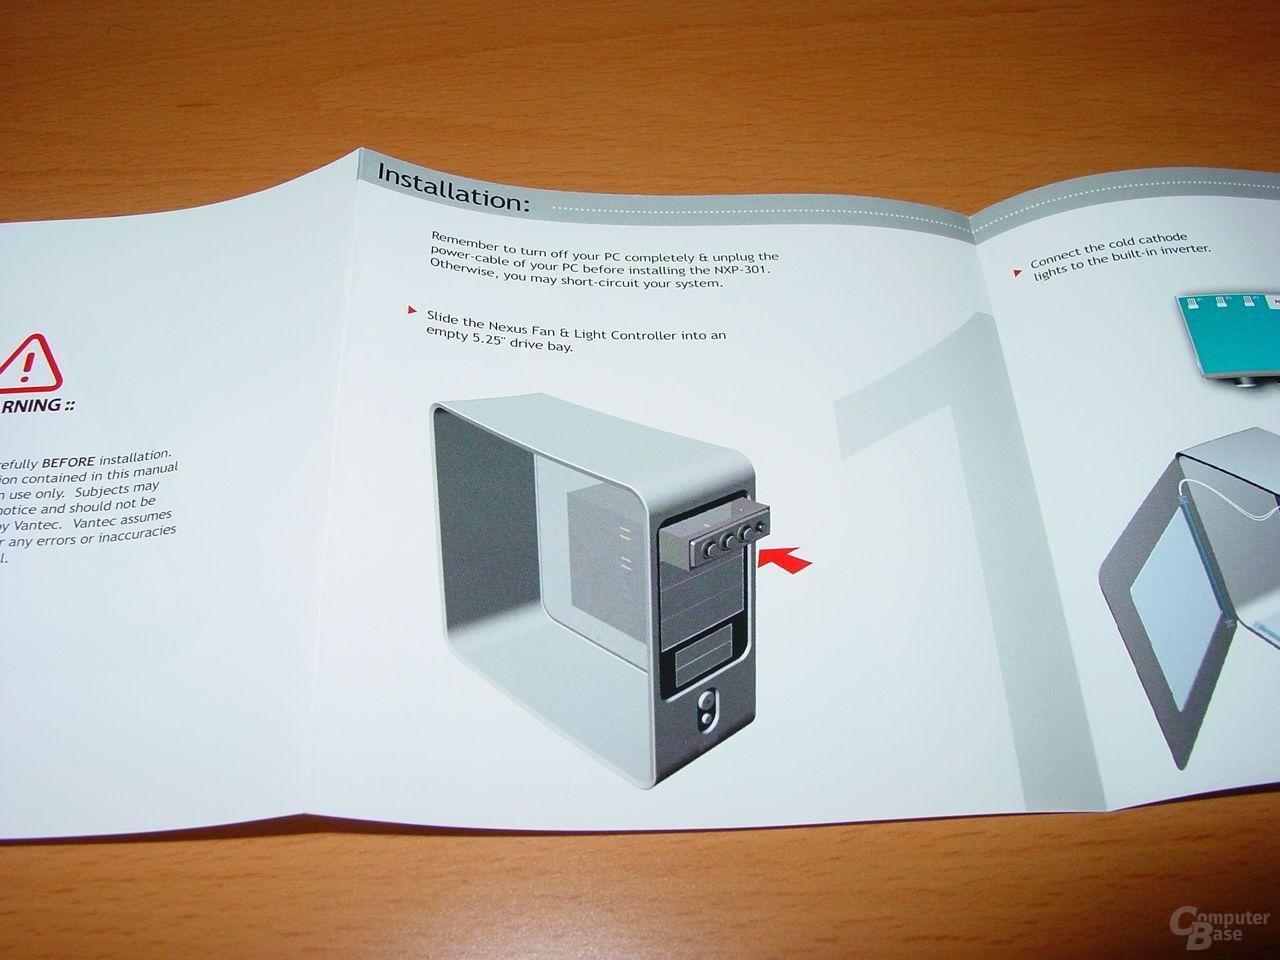 NXP-301 - Handbuch - 3